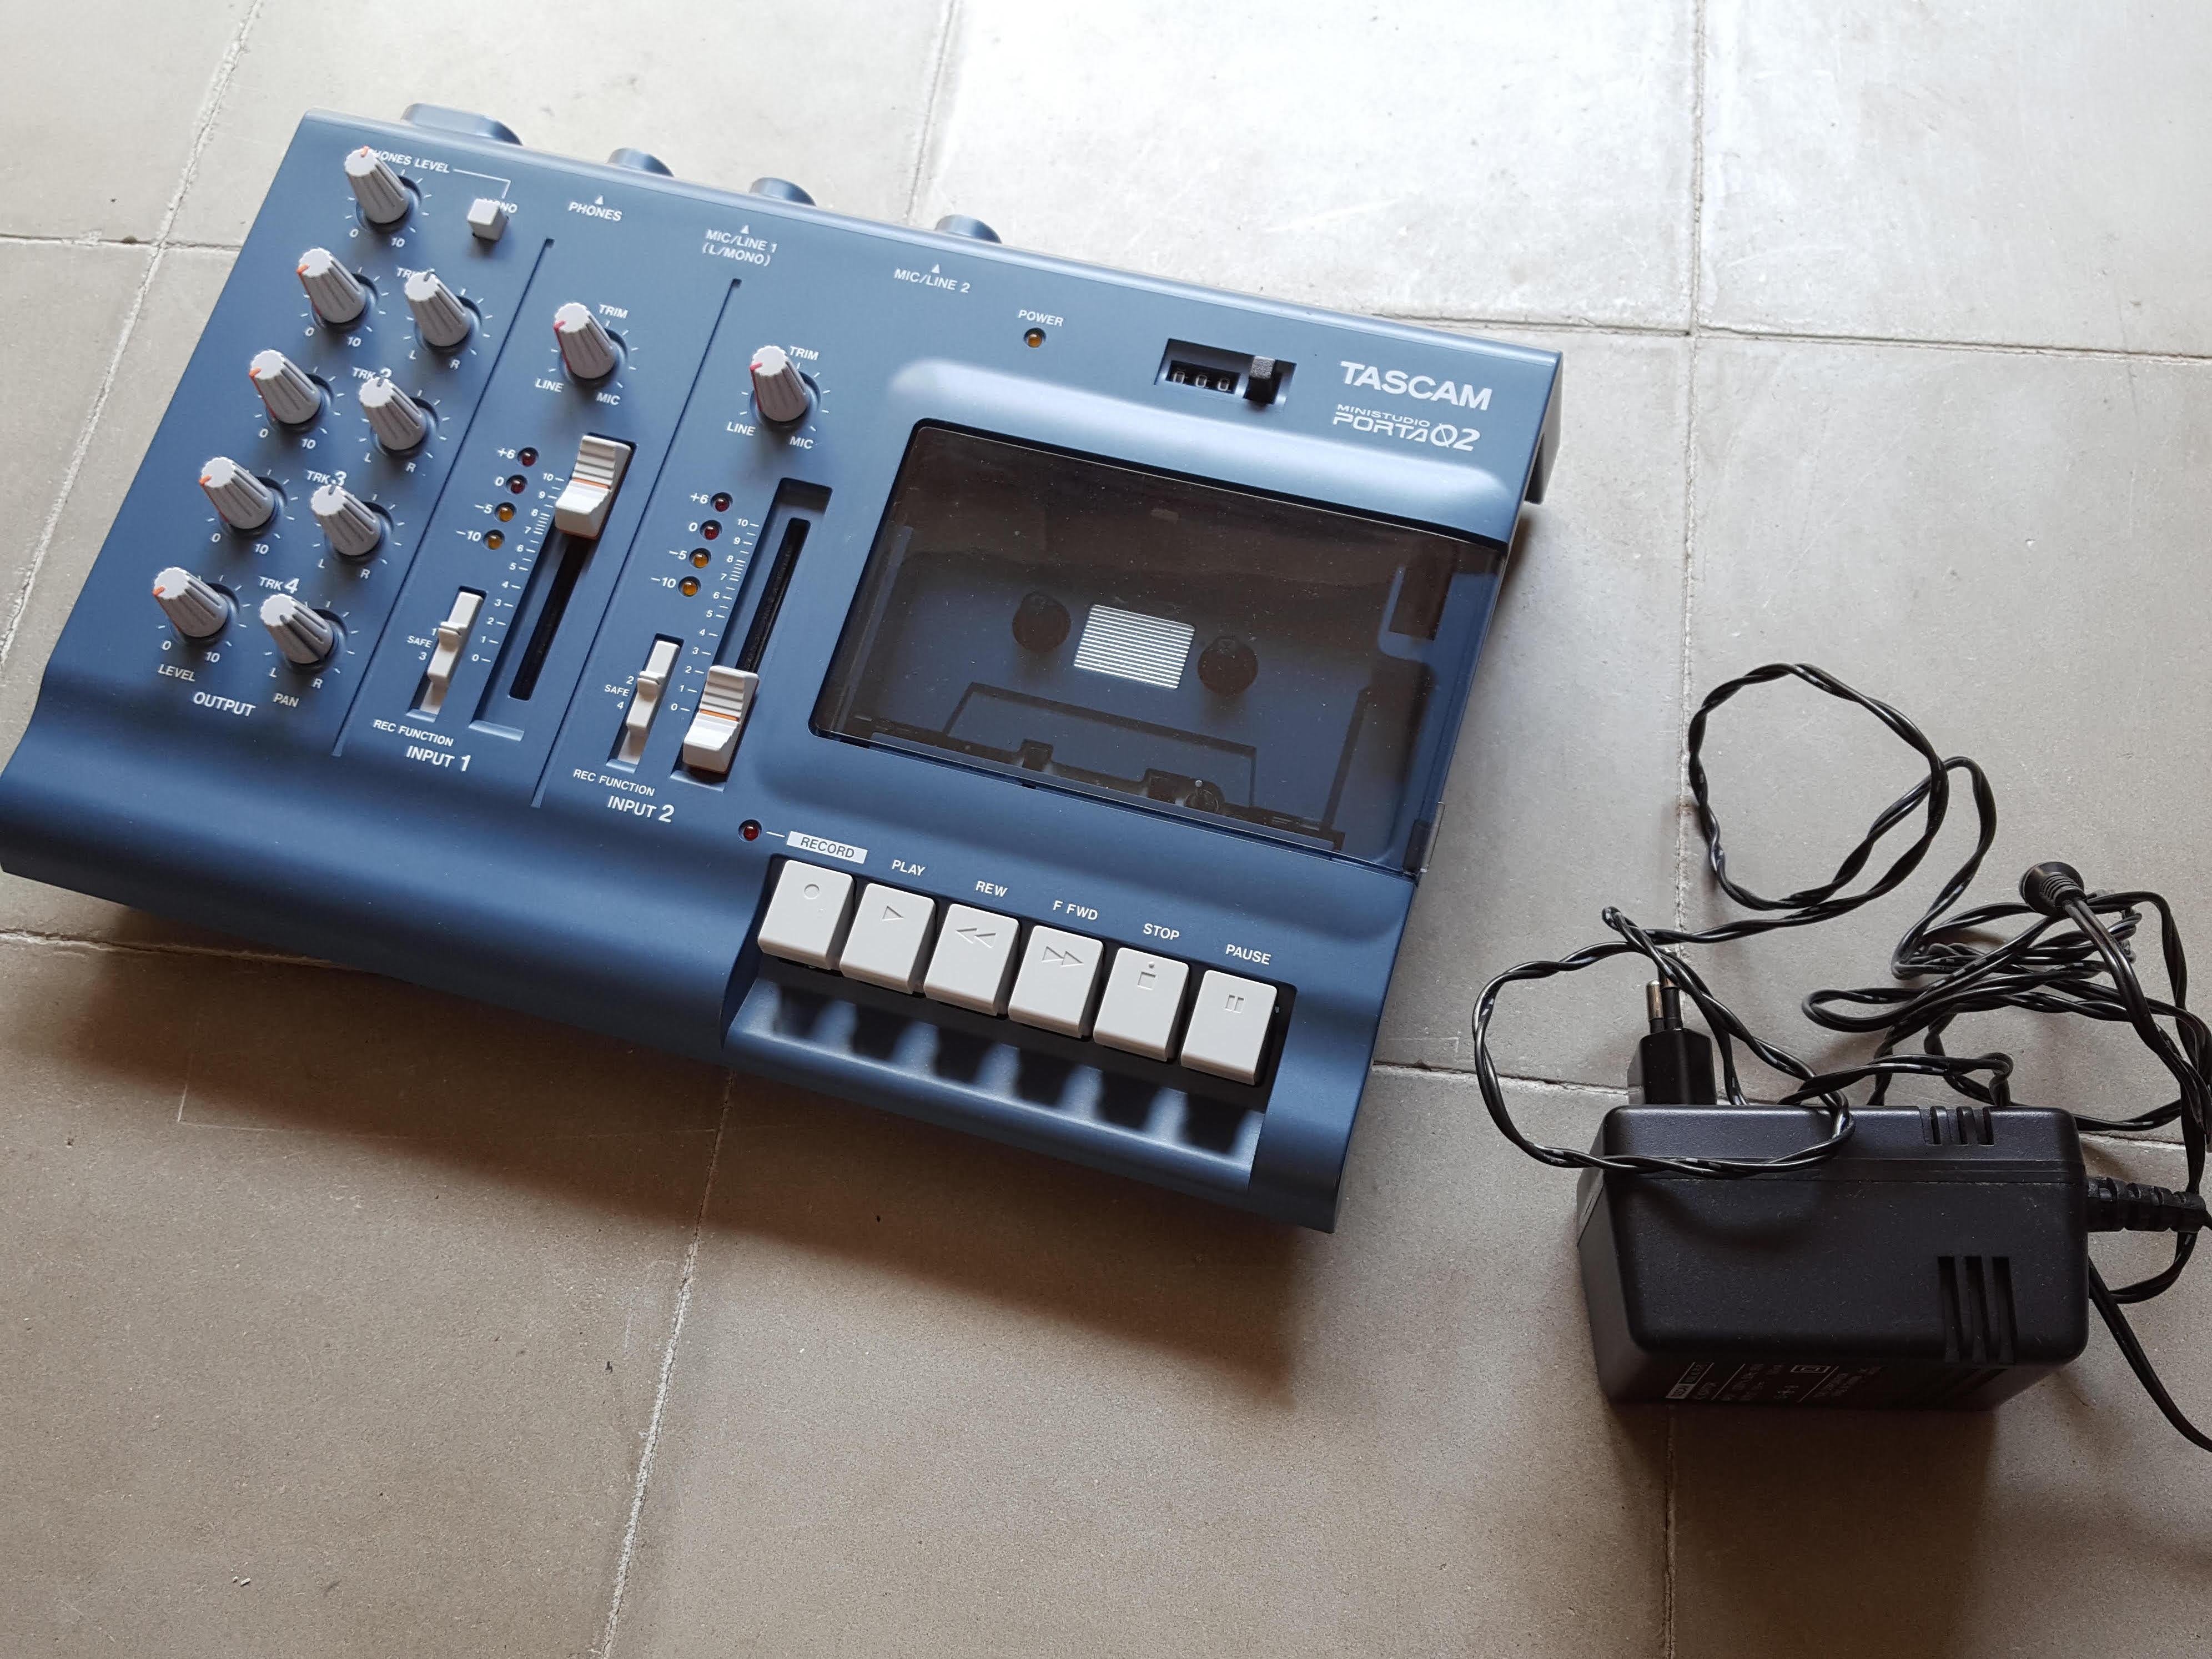 tascam porta 02 image 1504141 audiofanzine